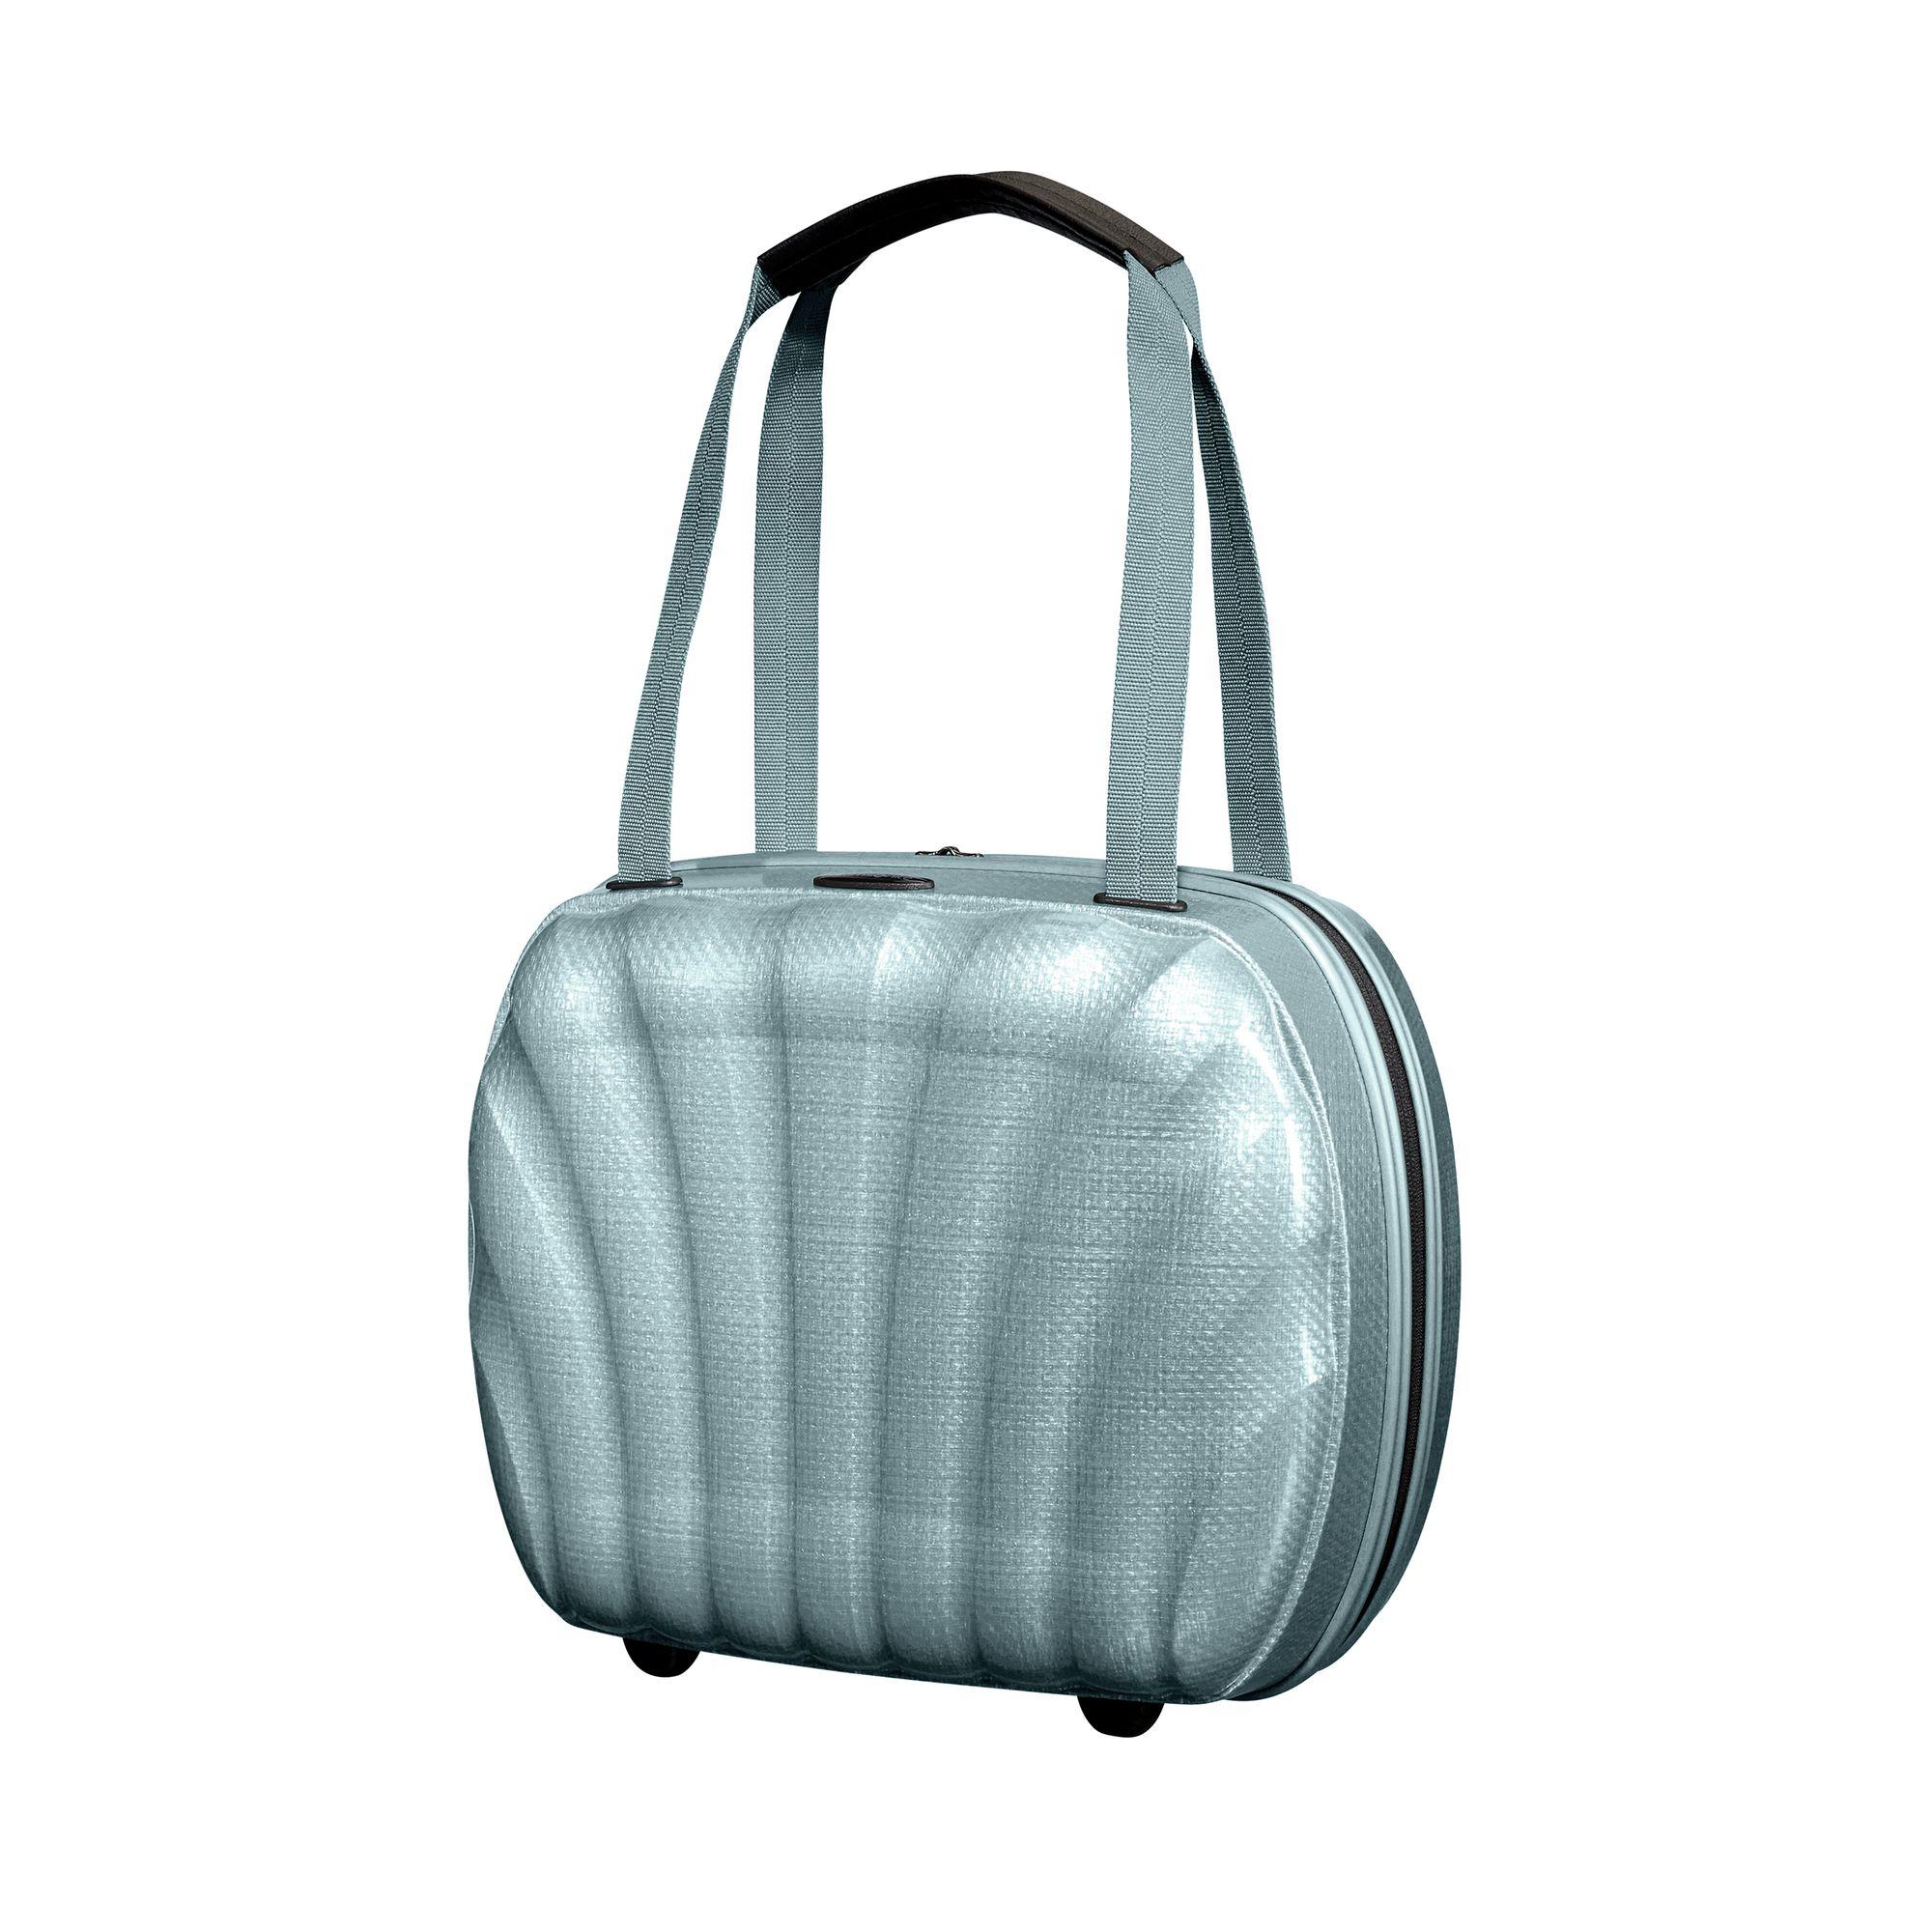 Samsonite Cosmolite väska, Ljusblå